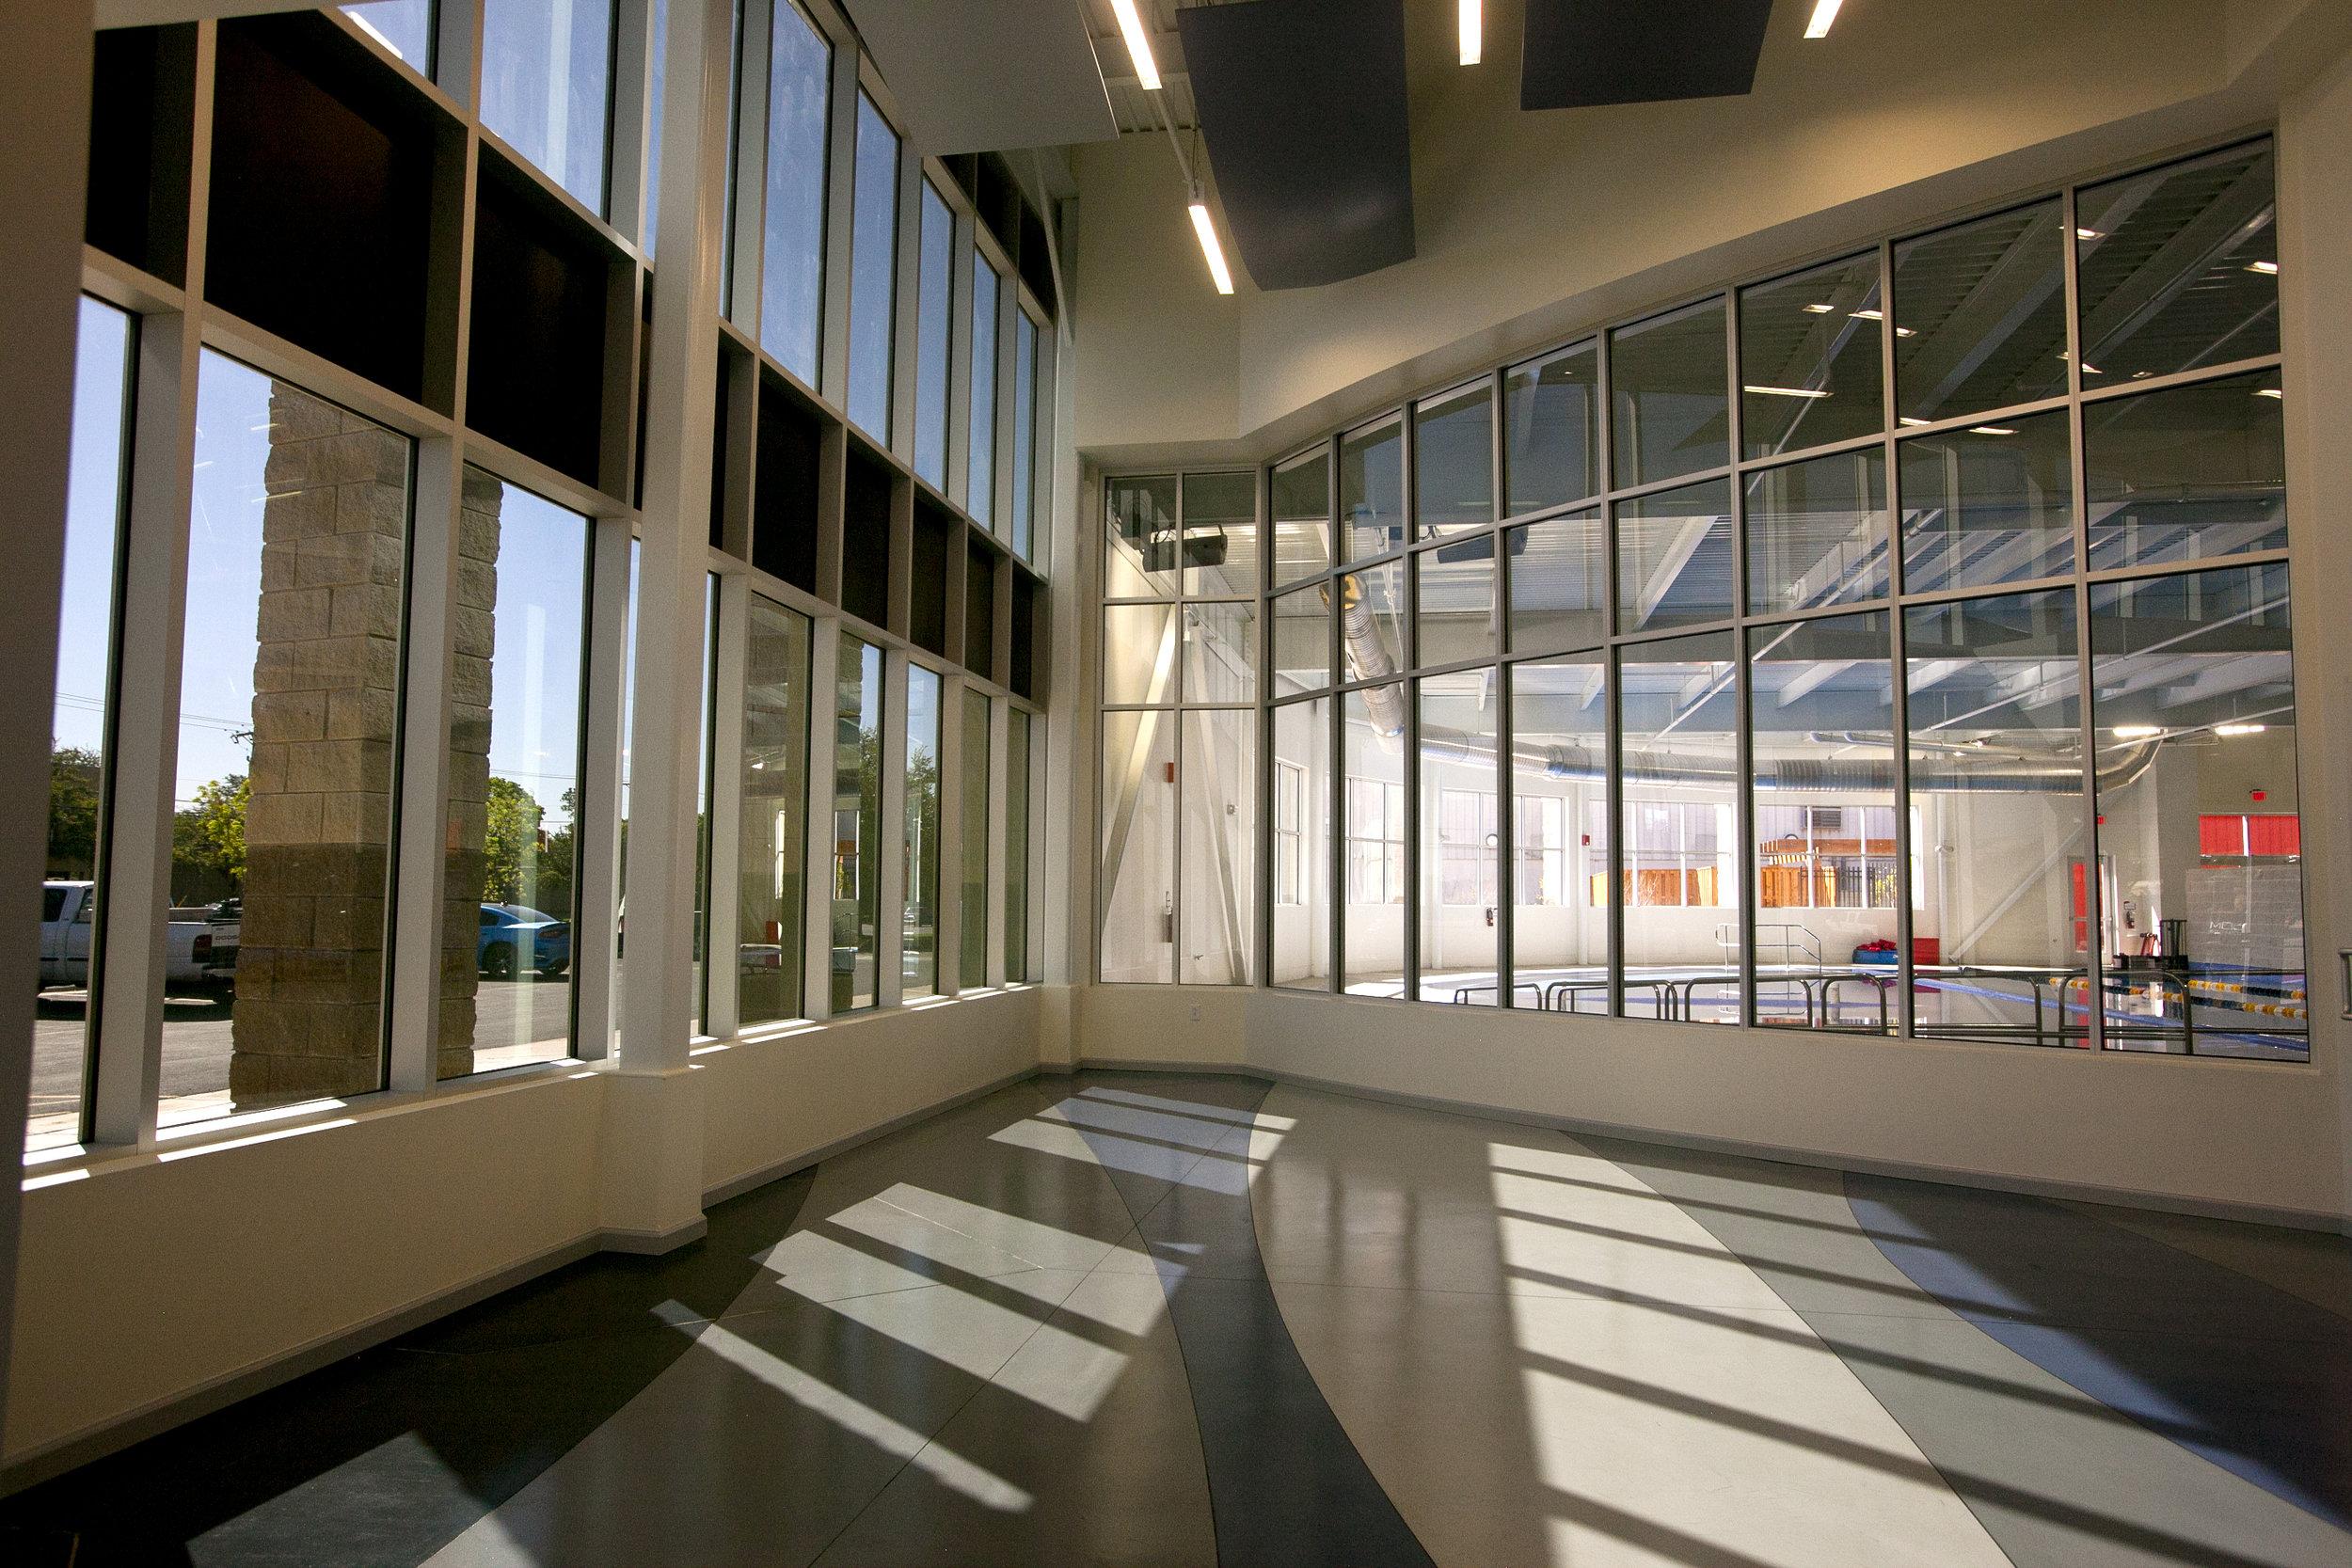 243_0405_FMH-Natatorium-Interior-07_JLD.JPG